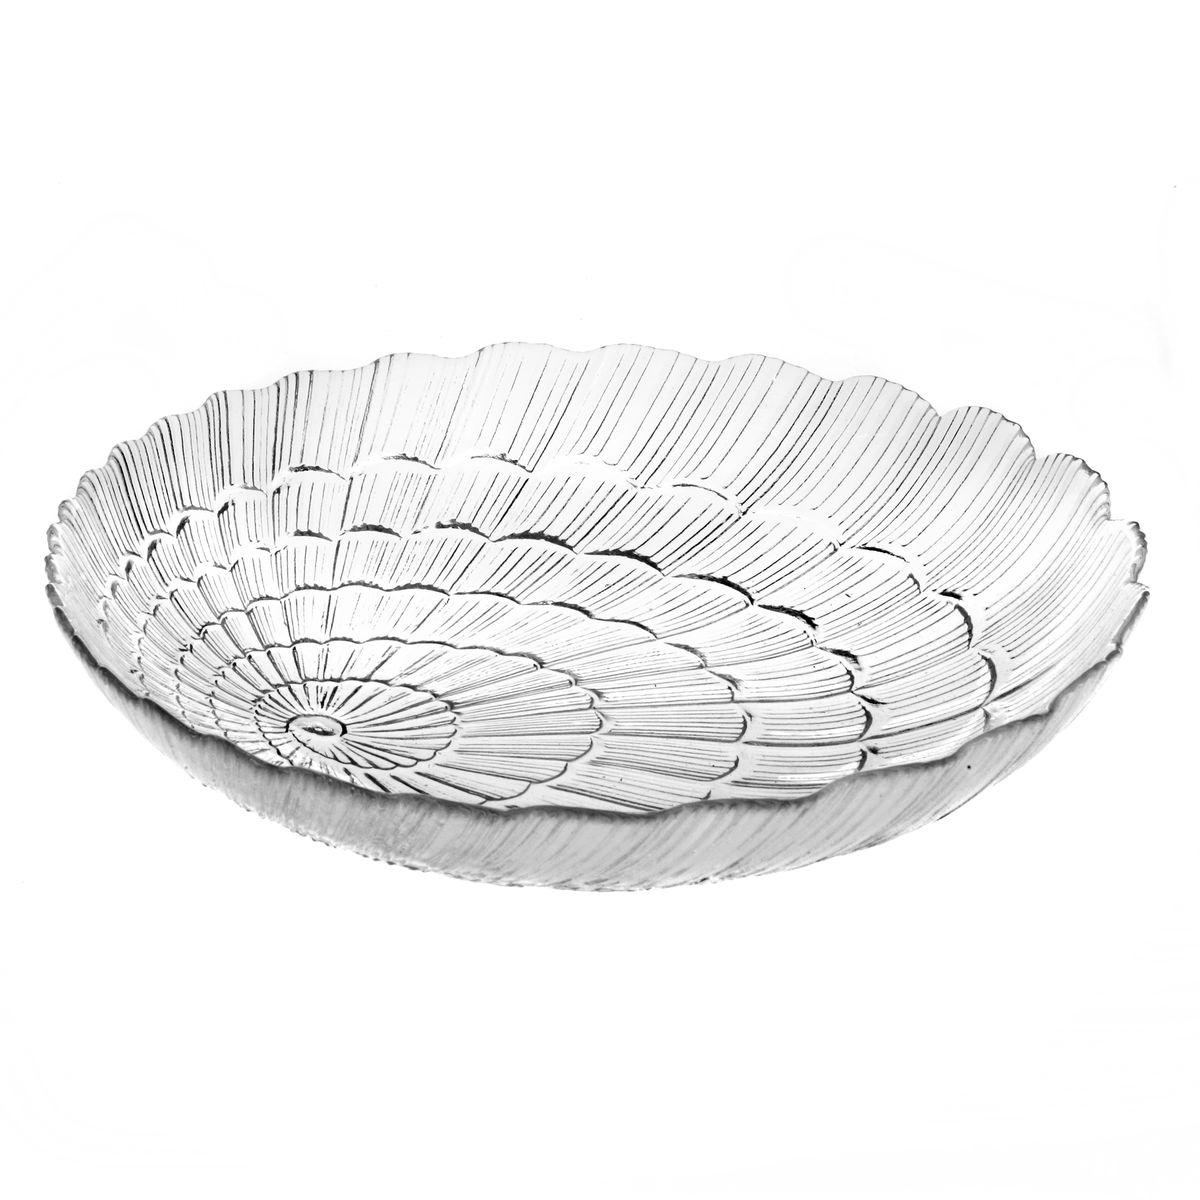 Набор тарелок Pasabahce Atlantis, диаметр 21 см, 6 шт10235BНабор Pasabahce Atlantis состоит из шести тарелок, выполненных из высококачественного закаленного стекла. Они имеют оригинальную форму и декорированы рельефным узором. Тарелки прекрасно подойдут для красивой сервировки различных блюд. Оригинальность оформления тарелок придется по вкусу и ценителям классики, и тем, кто предпочитает утонченность и изящность. Набор тарелок Atlantis станет украшением вашего стола и послужит отличным подарком к любому празднику. Диаметр тарелки: 21 см. Высота тарелки: 4 см.